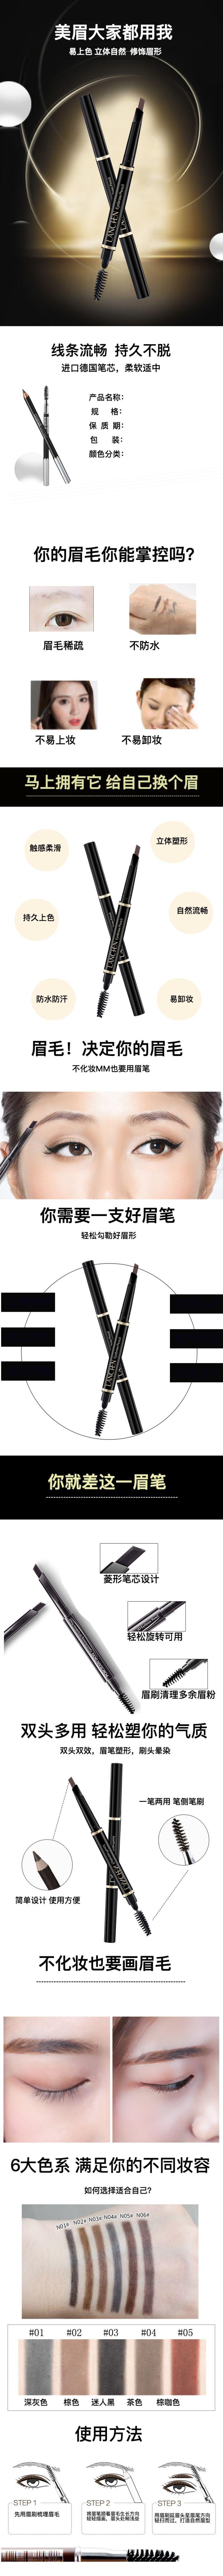 时尚简约眉笔美妆电商详情图